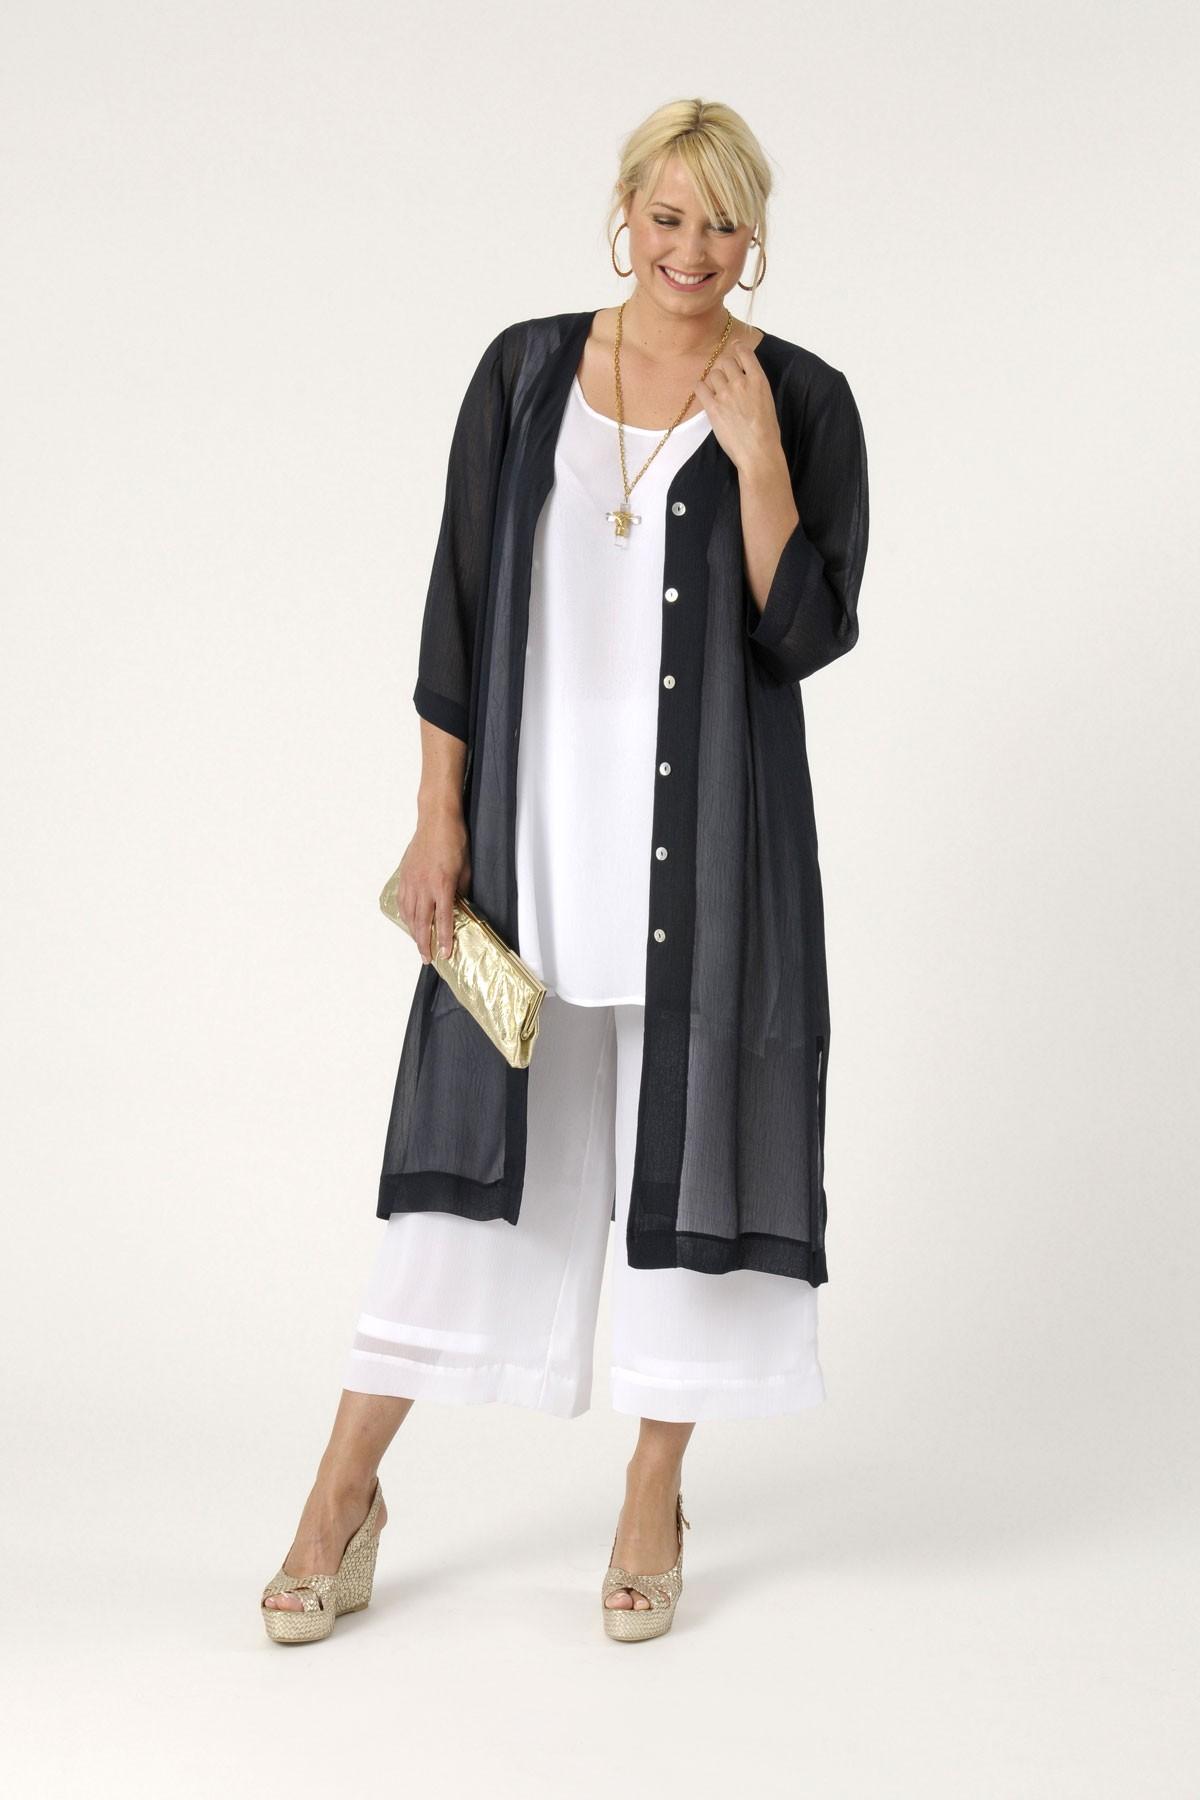 Fashion blogs for plus size ladies 44